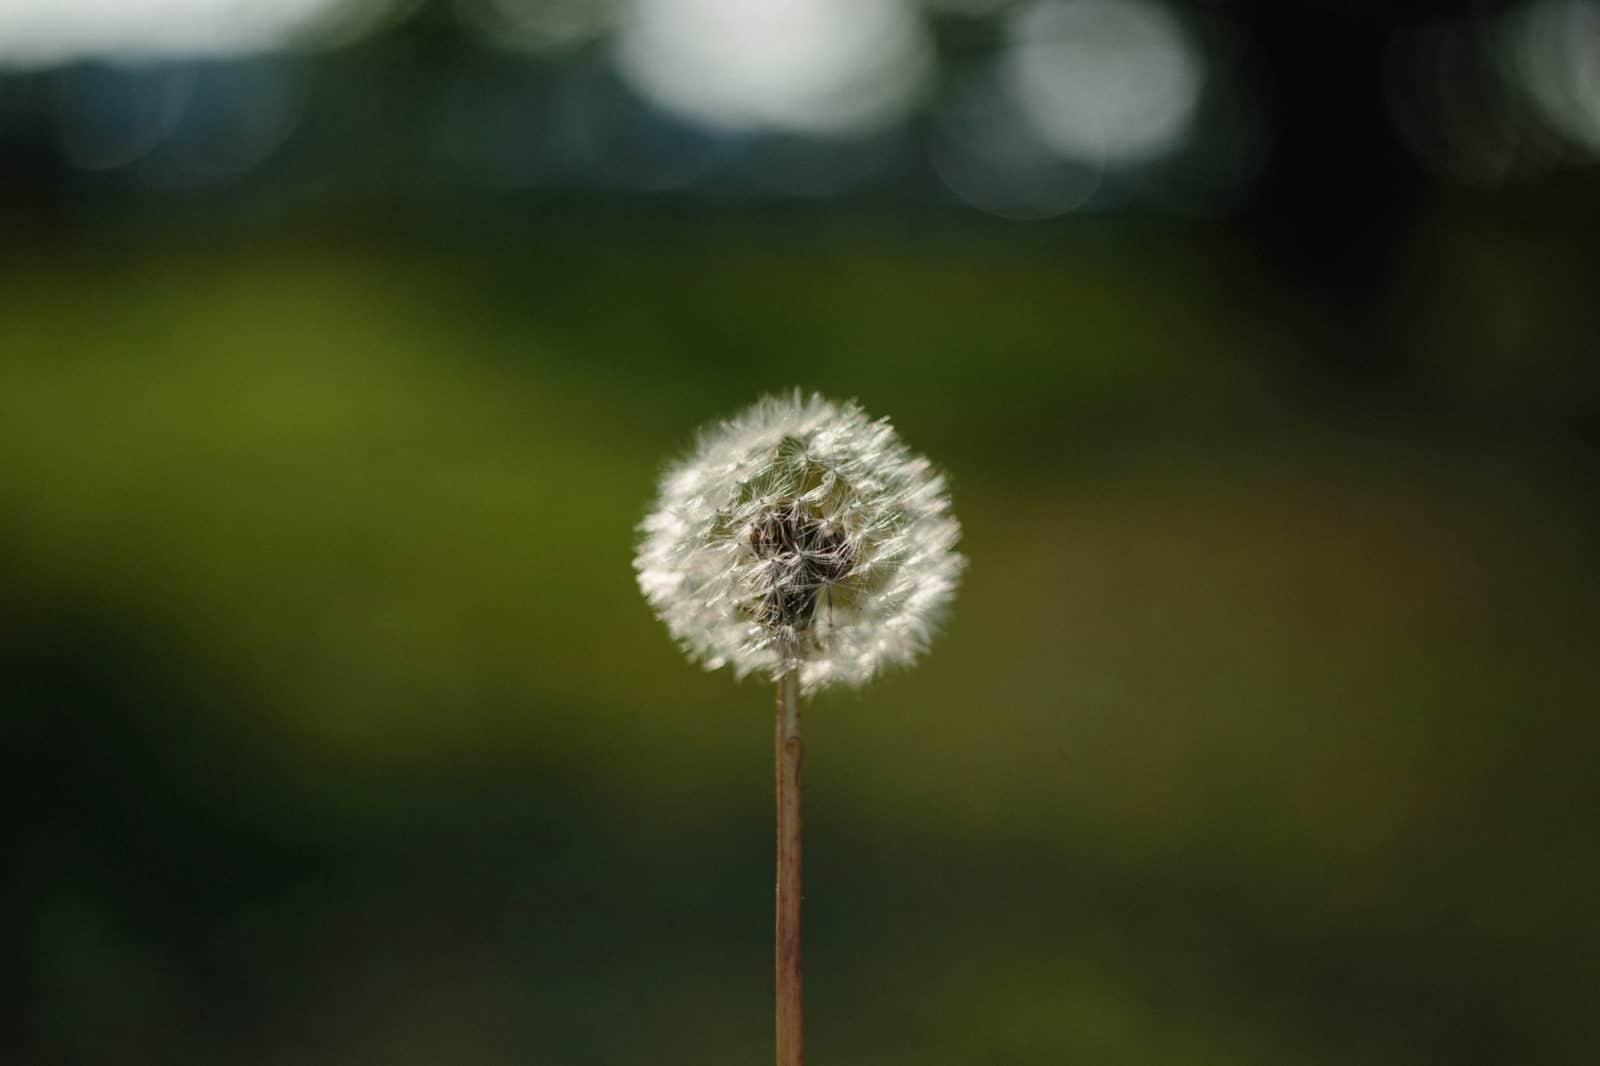 omaha, omaha dandelion weed treatment